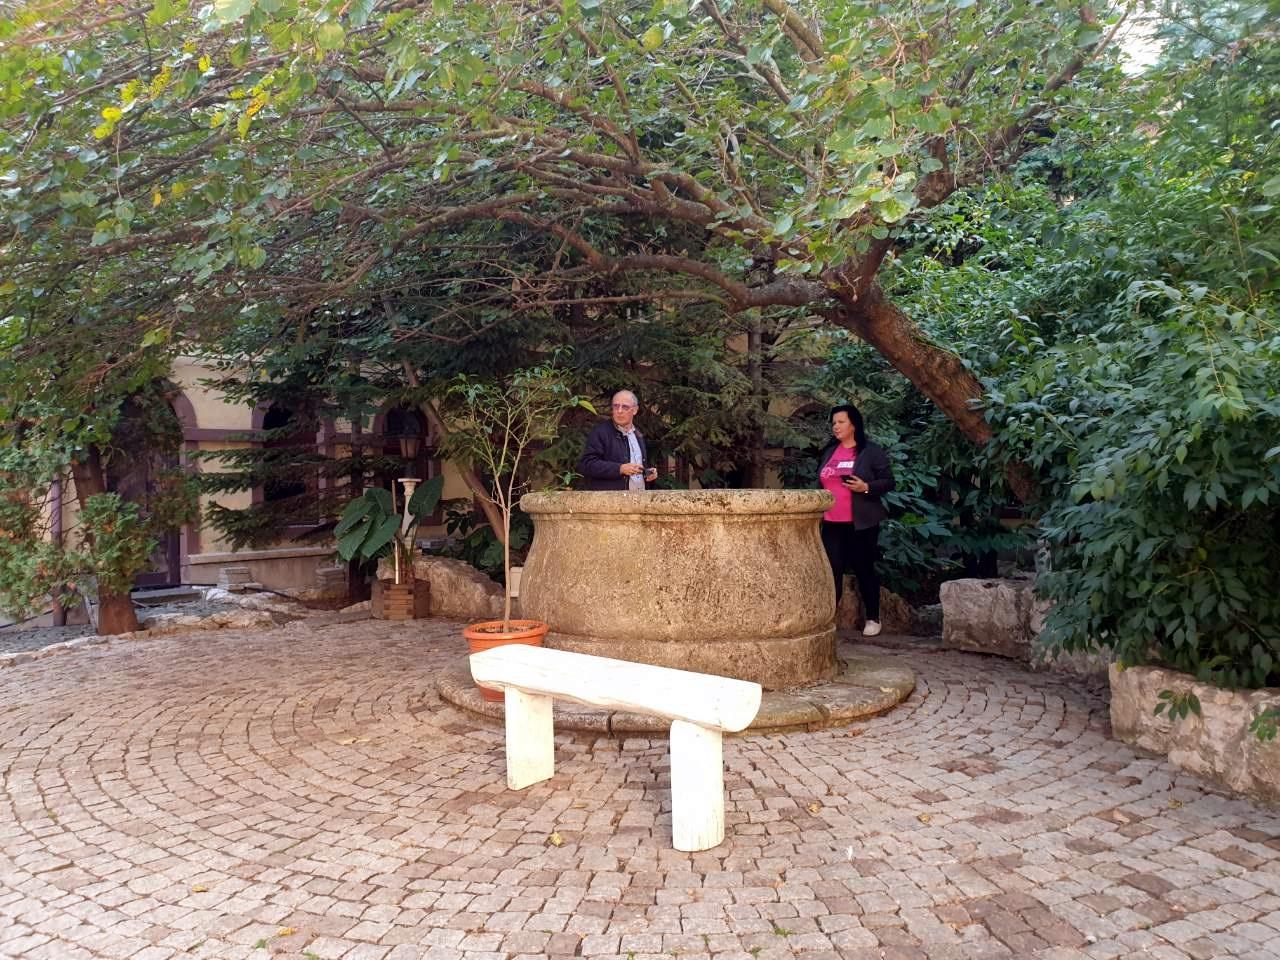 Pihenő az alapítvány udvarán